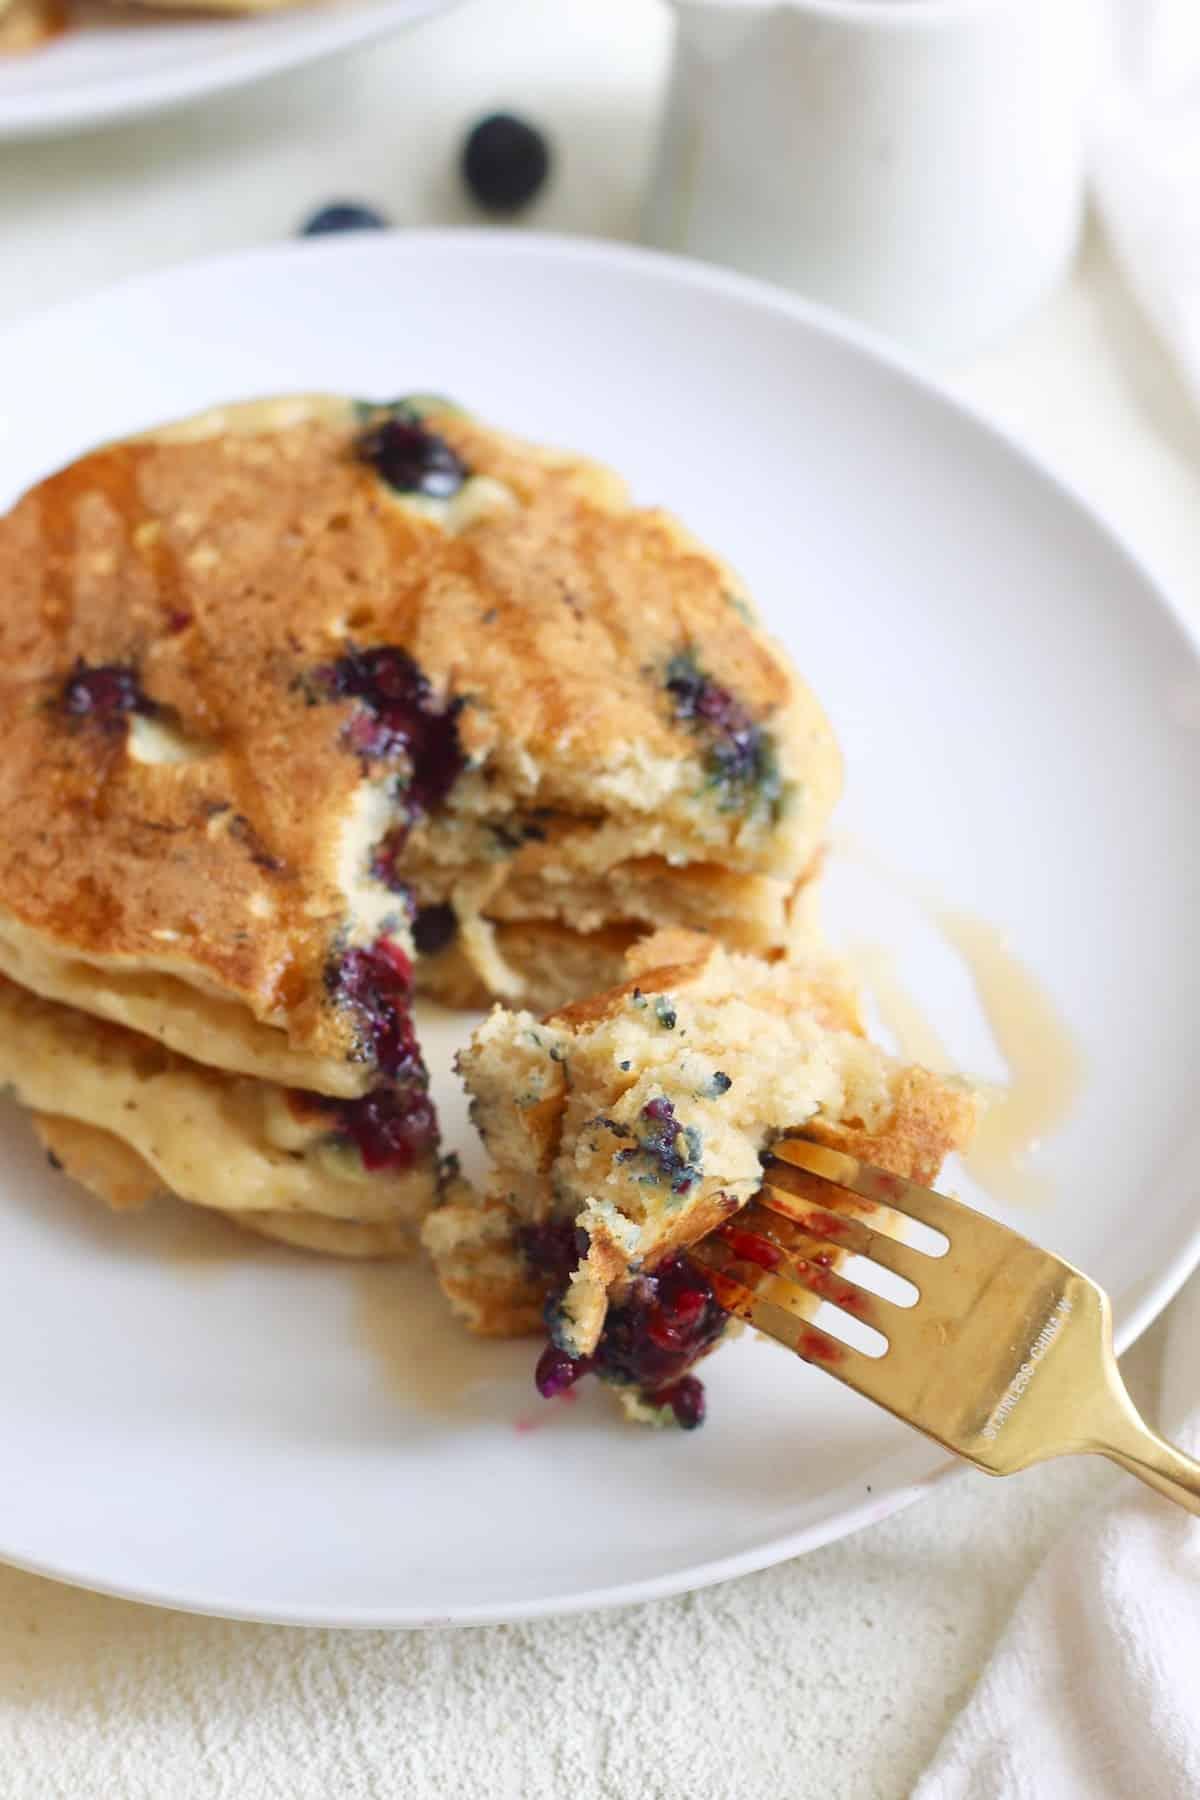 gold fork taking bite of lemon blueberry pancakes